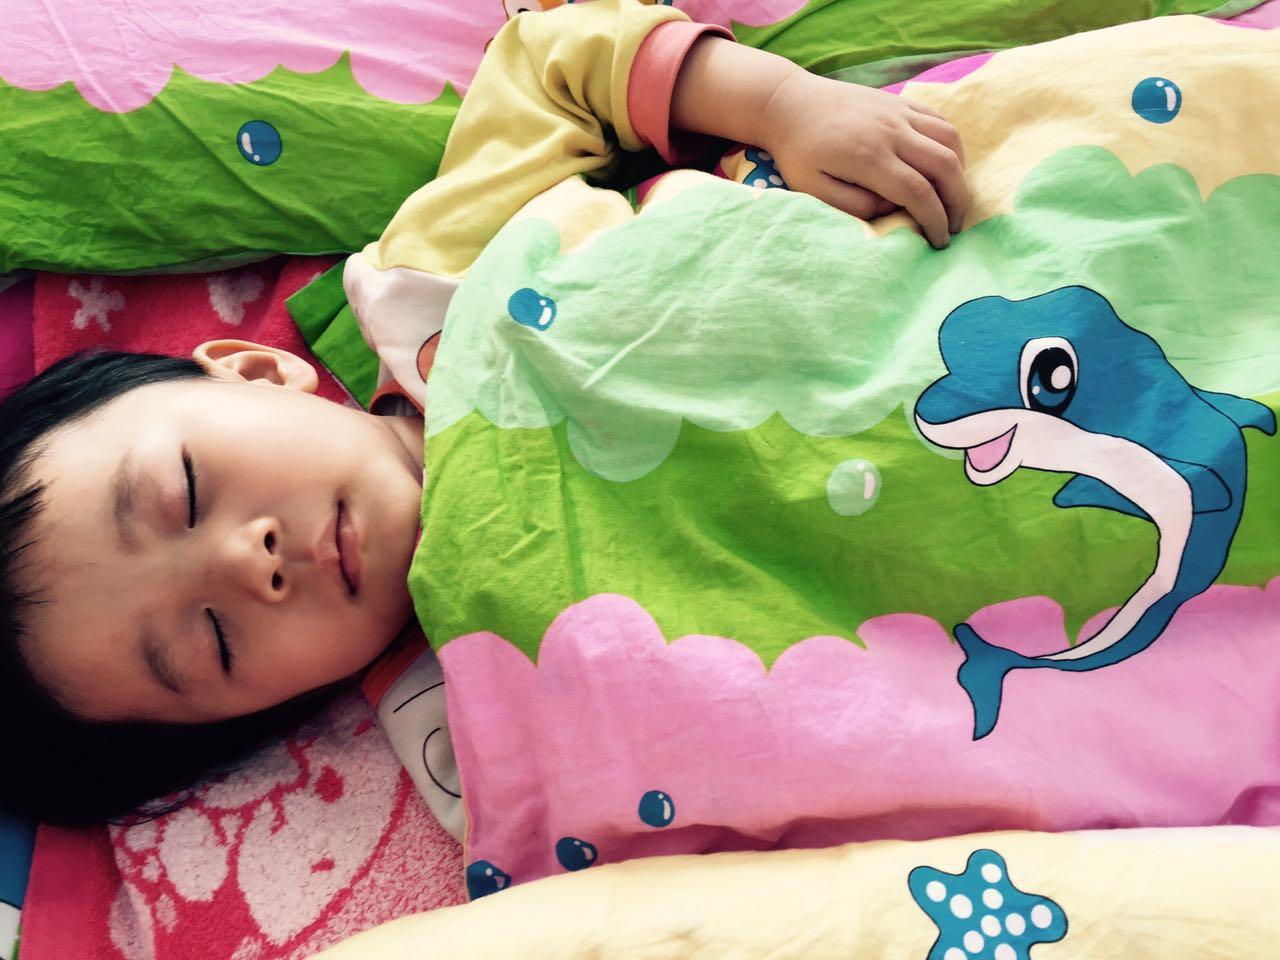 在当下幼儿园生活中,午睡逐渐成了幼儿最讨厌的环节之一,对于不能入睡